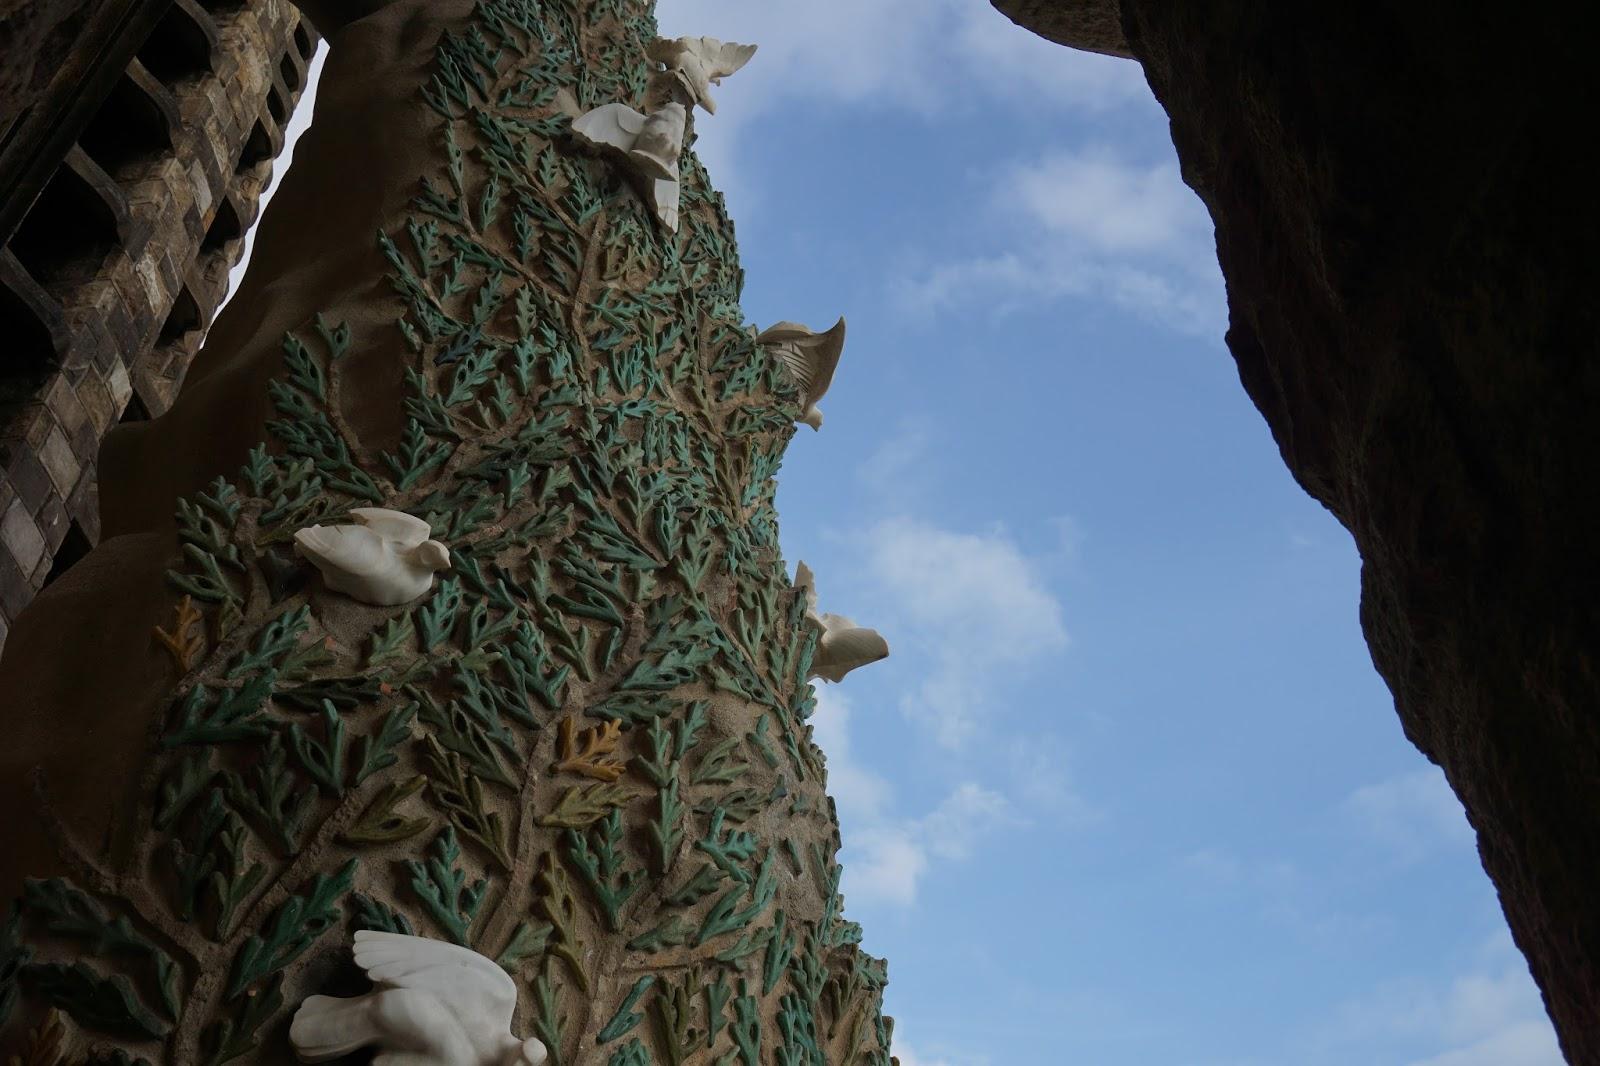 サグラダ・ファミリア (Sagrada Familia) イトスギにとまるハト